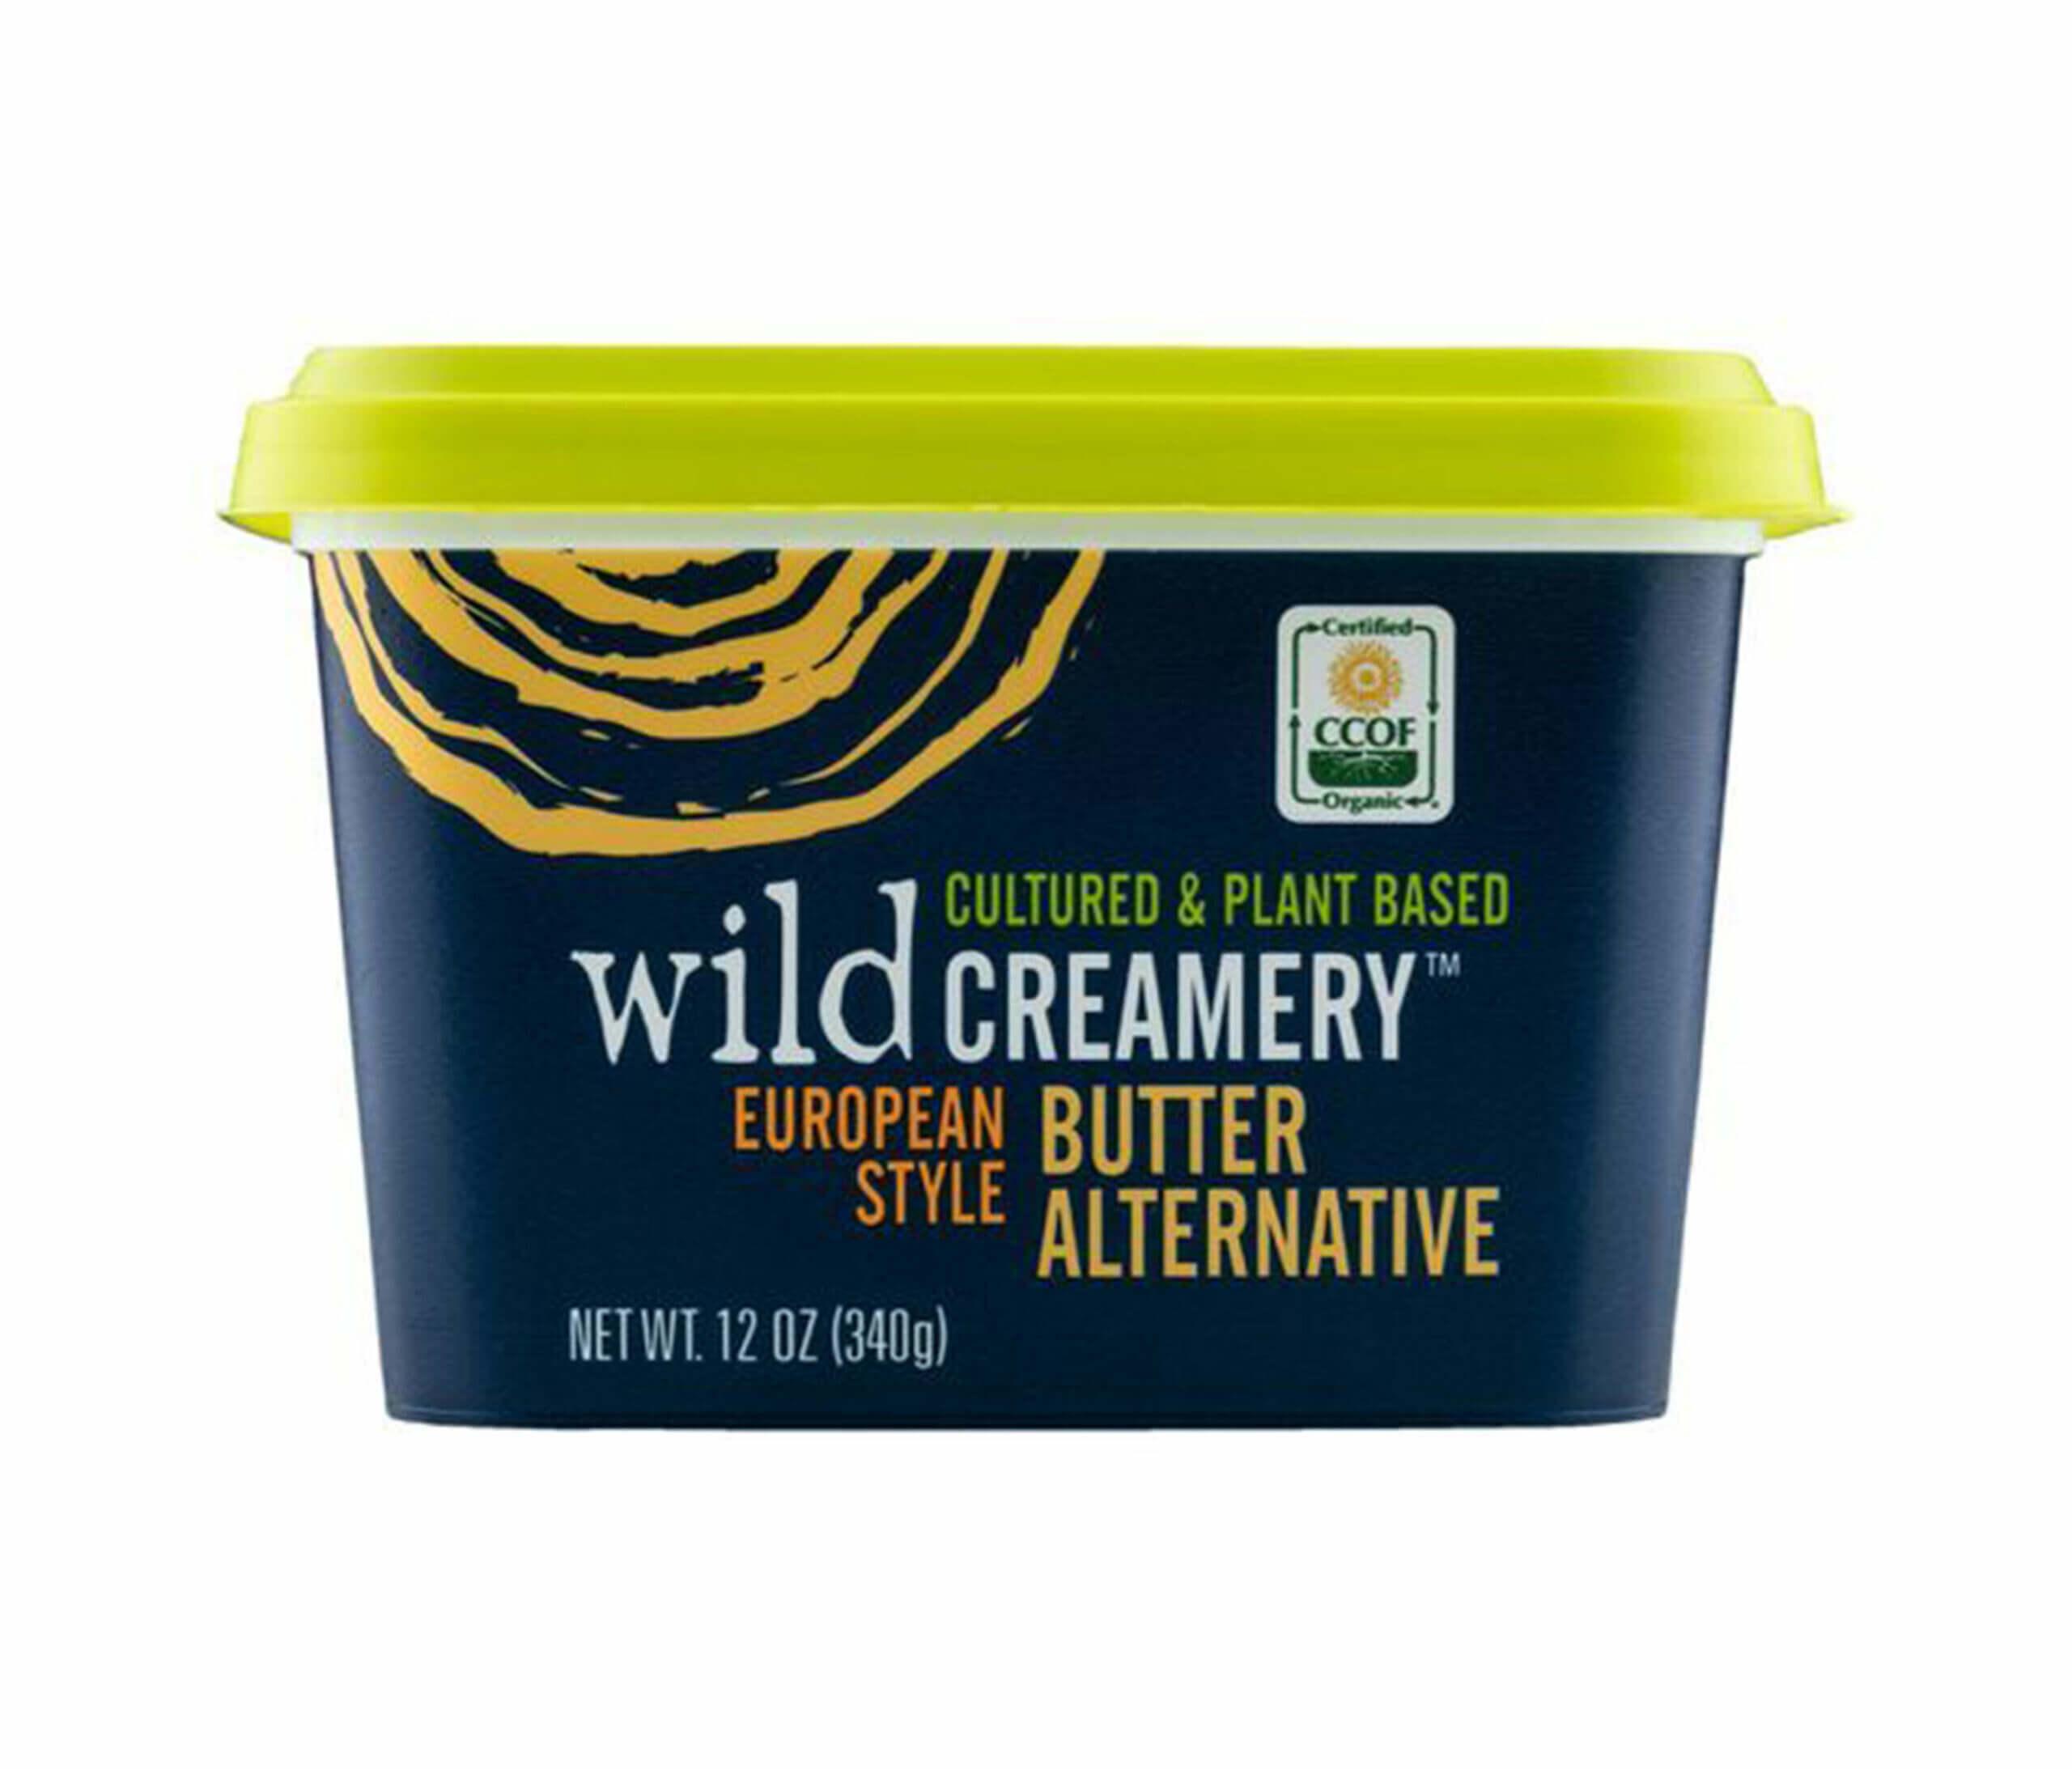 Wild Creamery